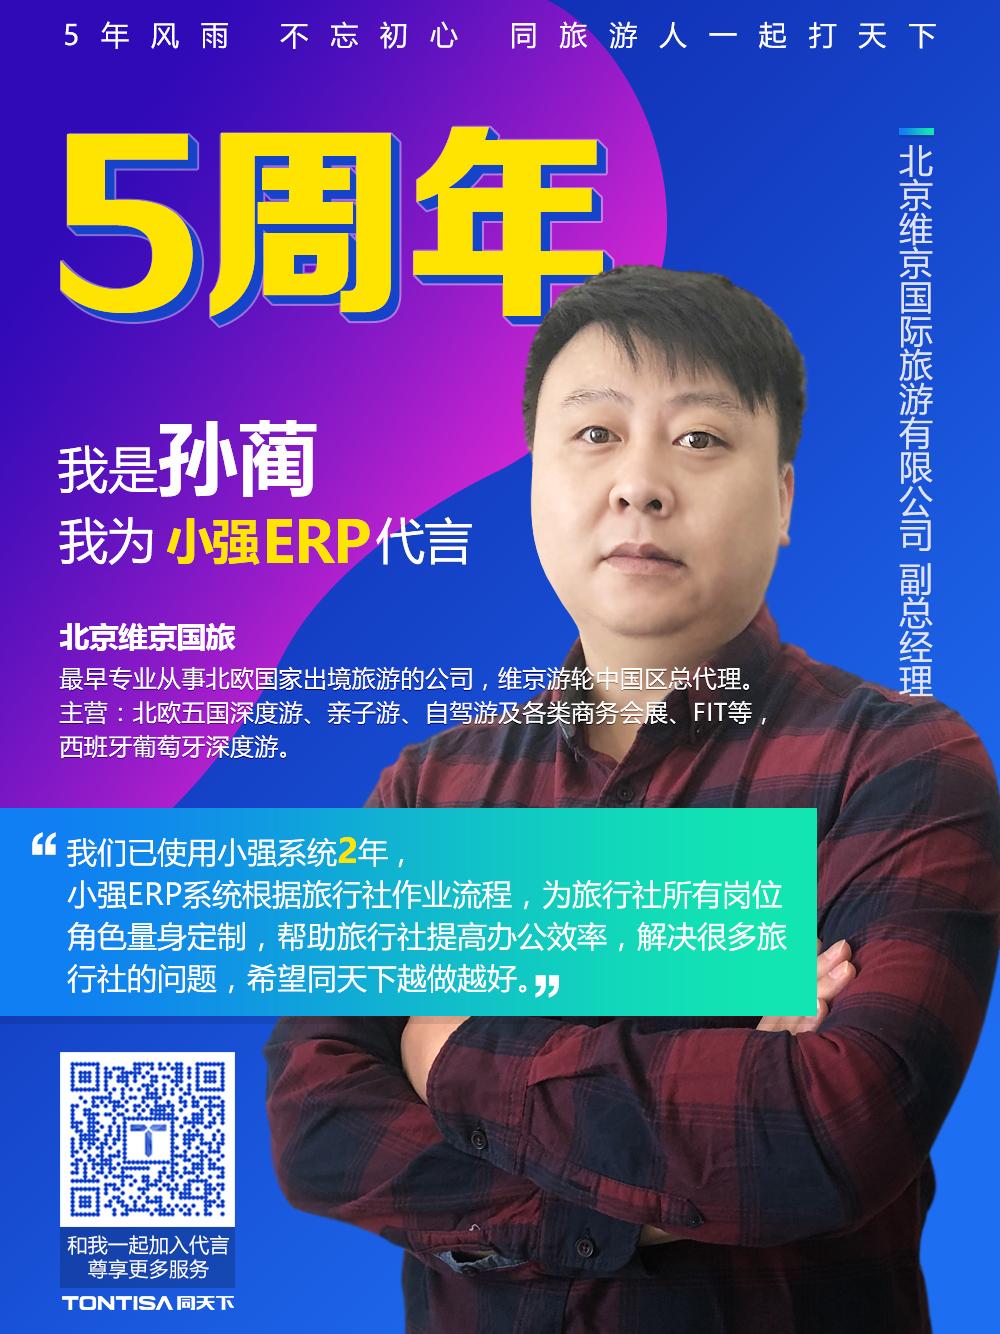 29、北京维京(孙蔺).jpg